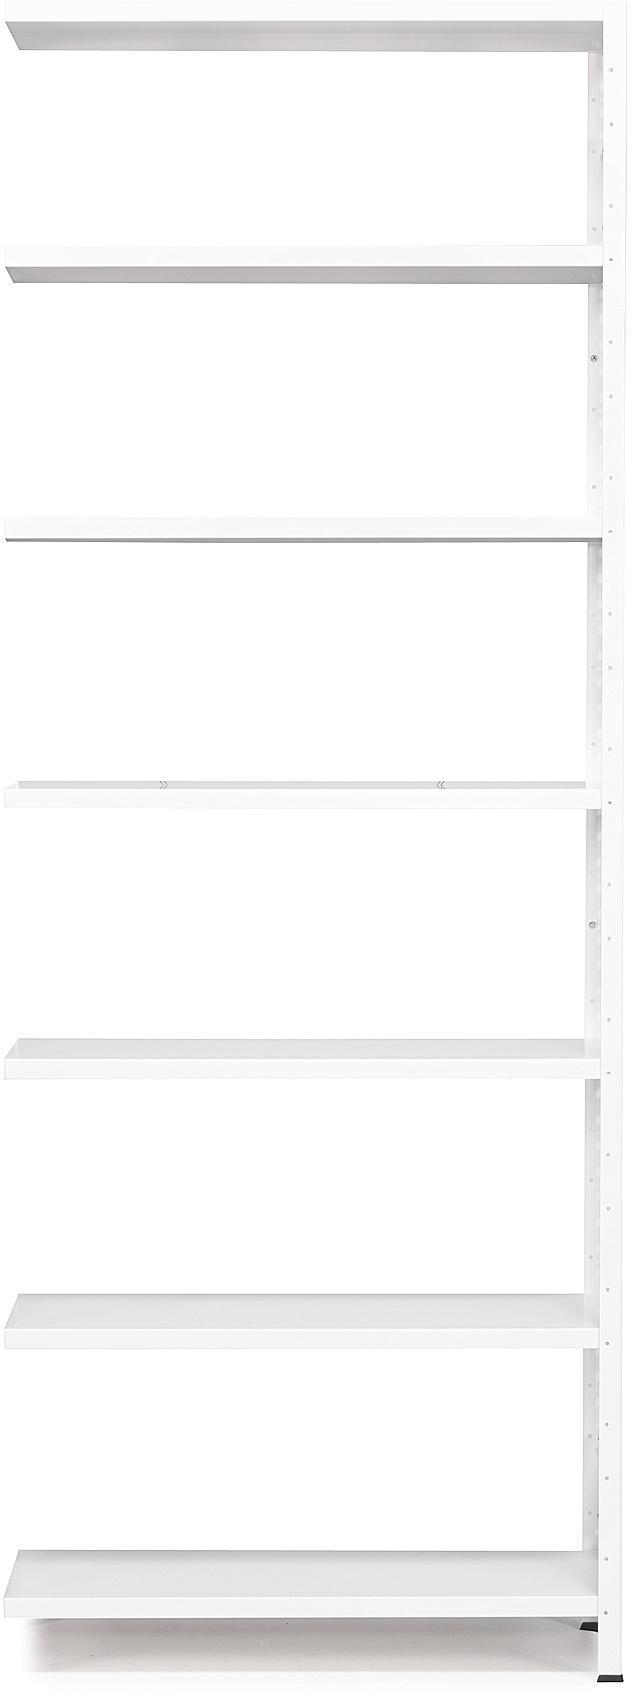 Kancelársky regál Light, prídavná sekcia, 2500x1005x400 mm, biely